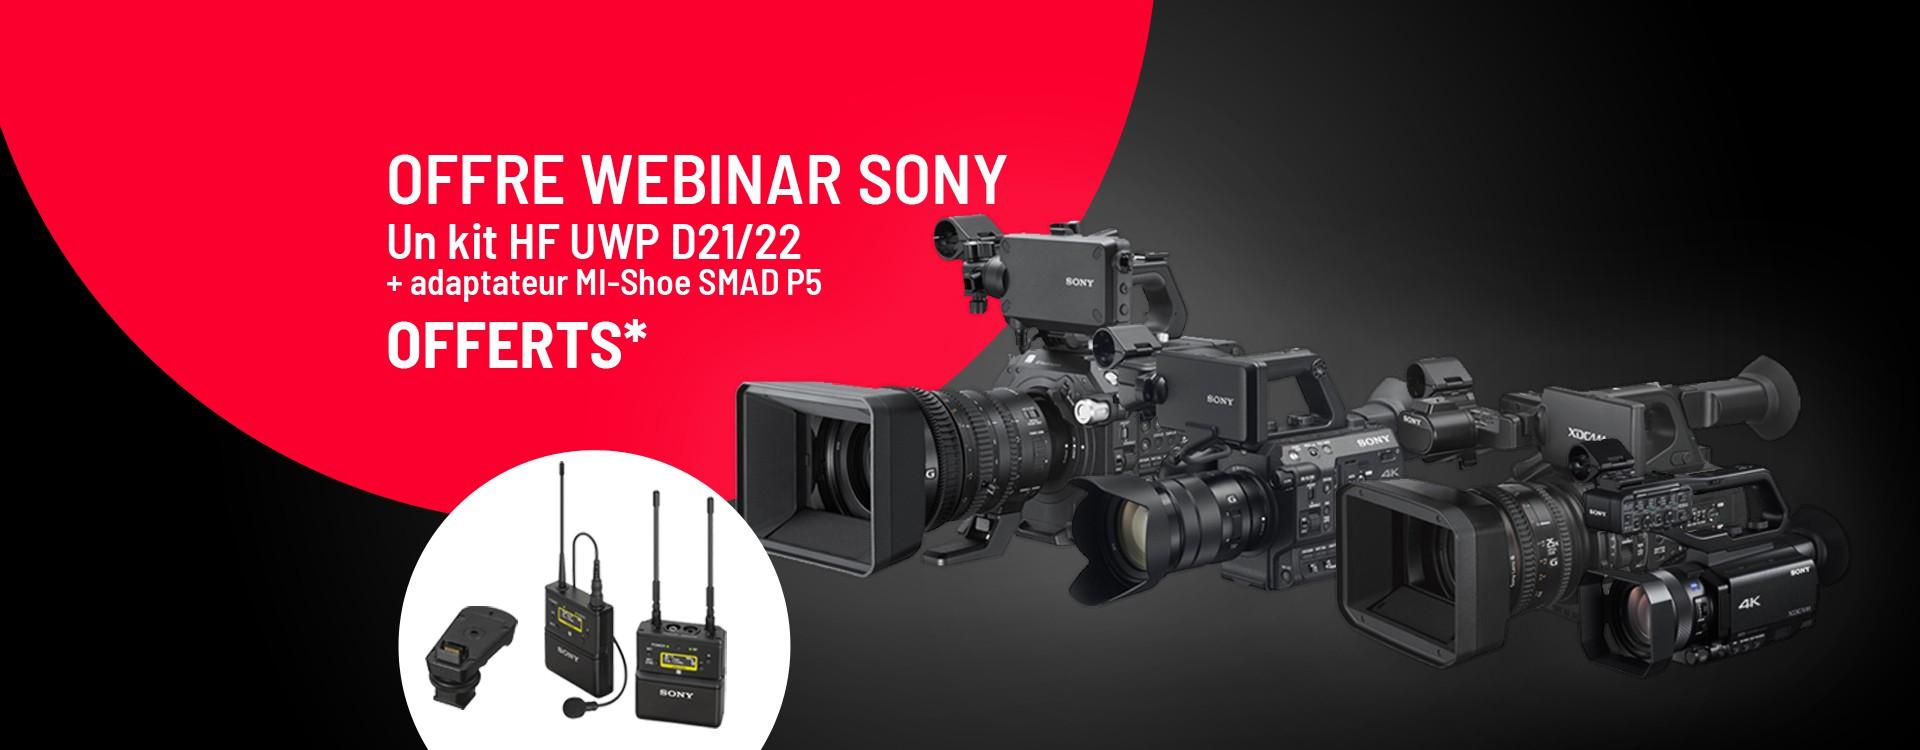 Offre Sony Pro - Webinar PXW Connecté